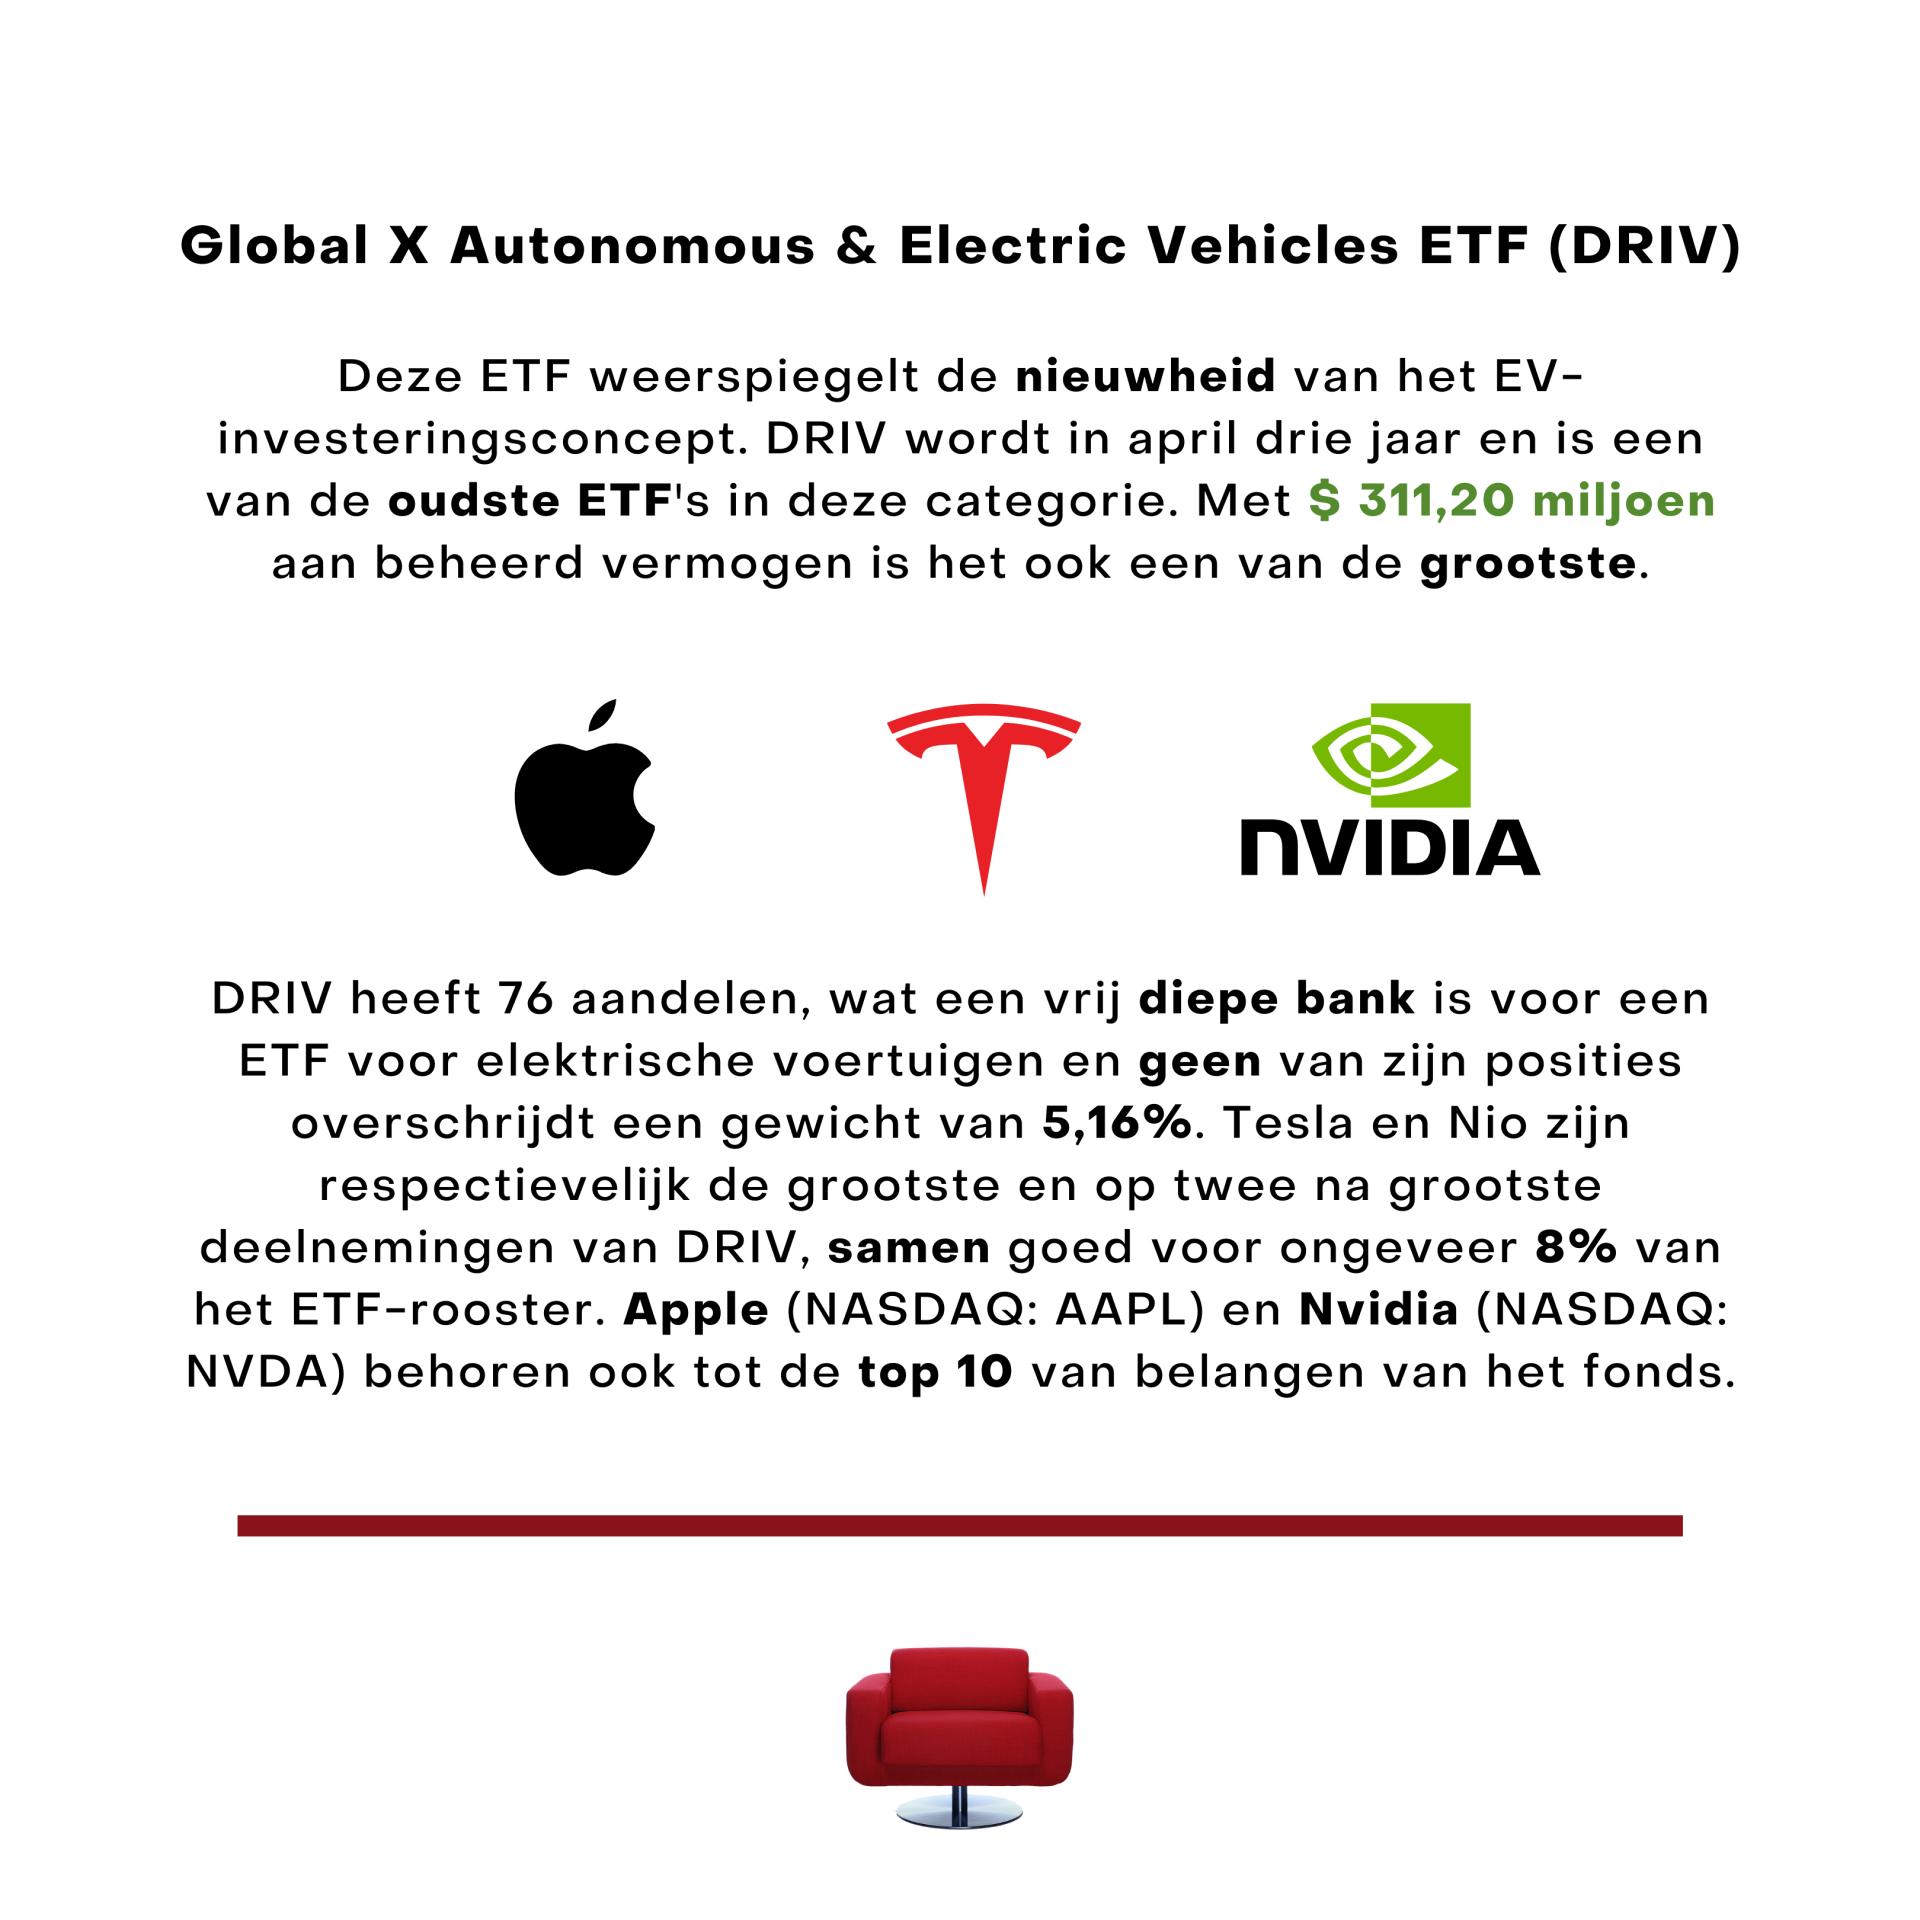 geld beleggen zonder risico etf global autonomous electric vehicles